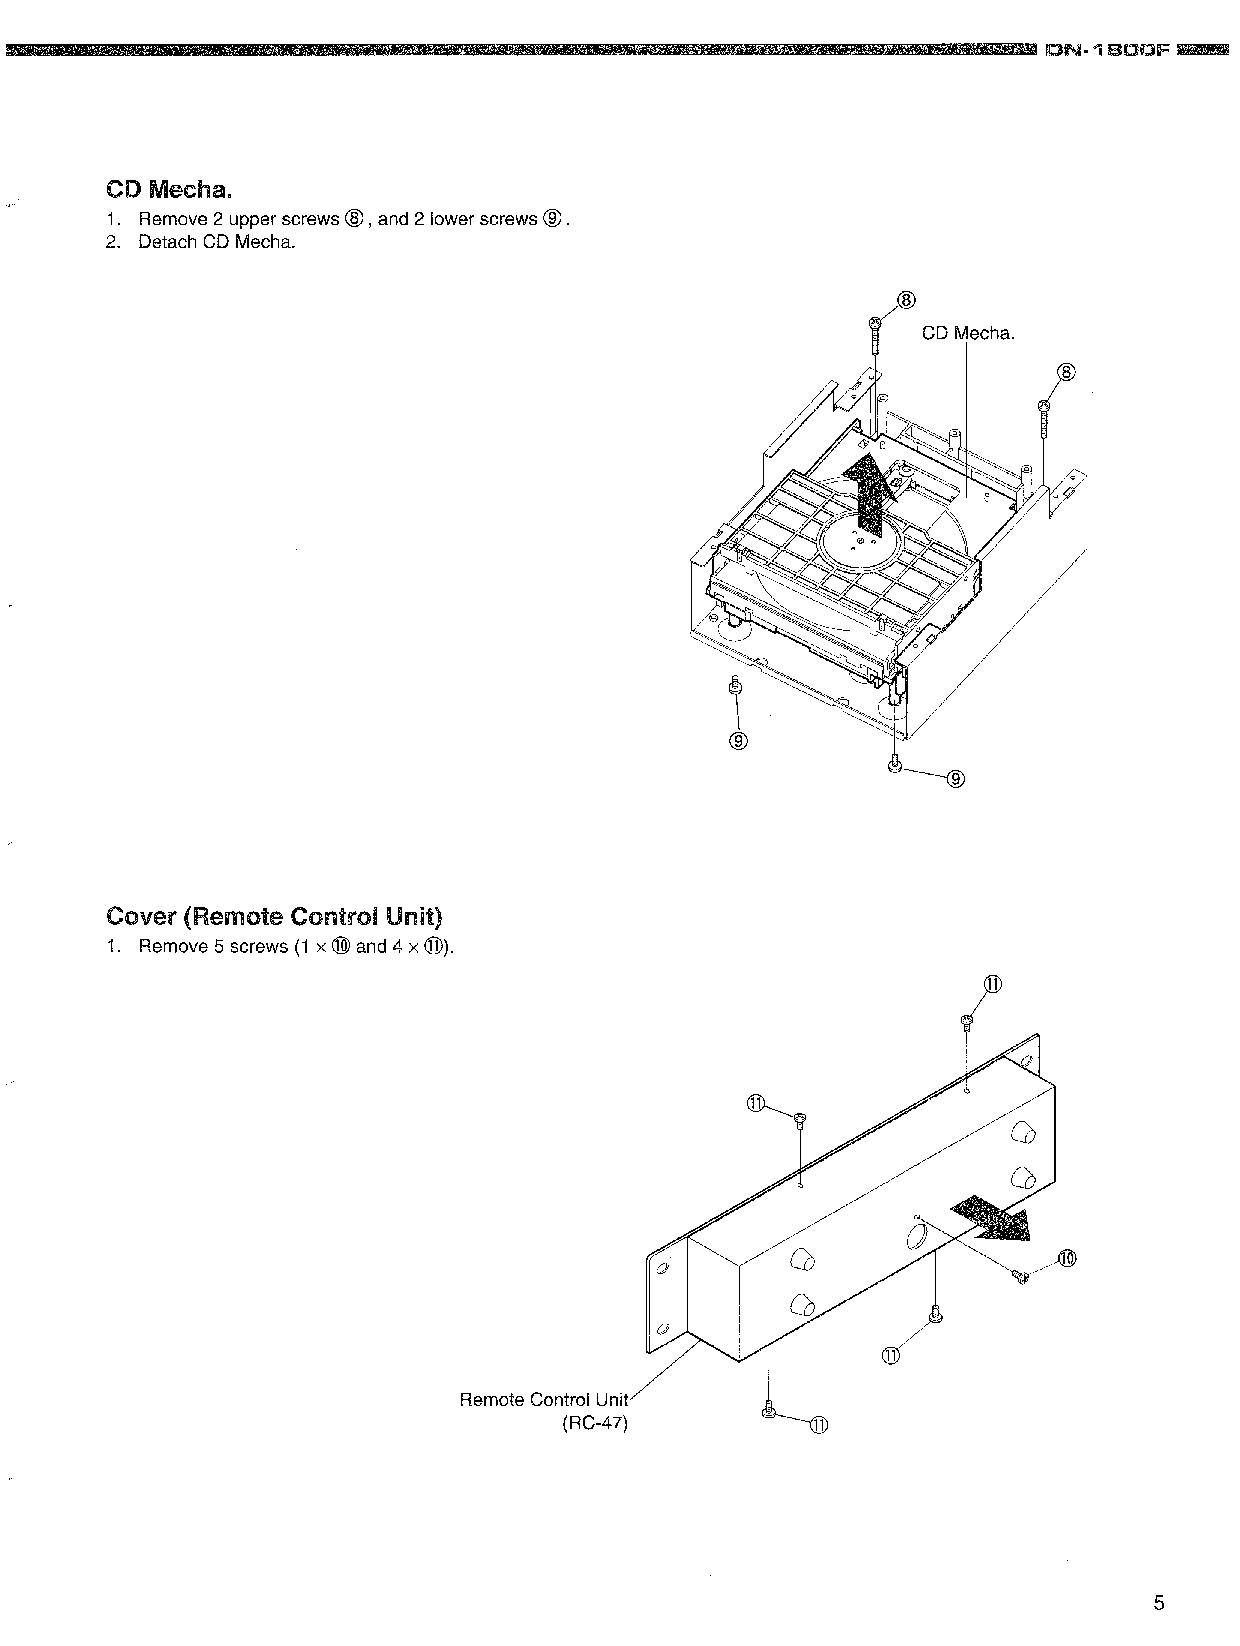 Denon DN-1800F Service Manual